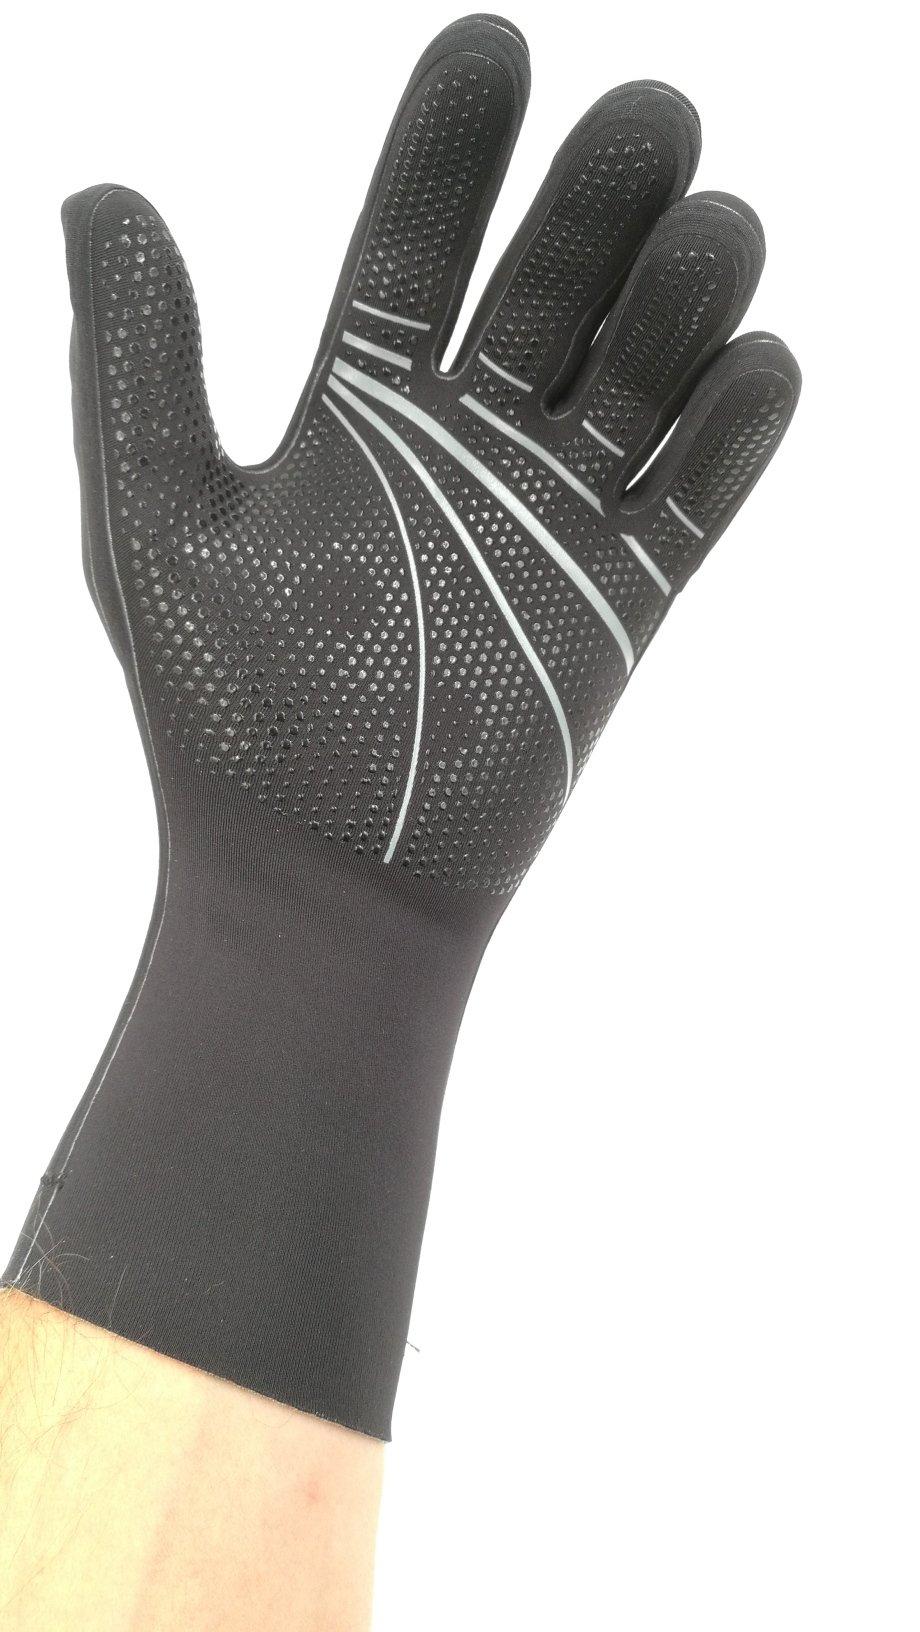 Guanti K01 3mm - I guanti perfetti per il subacqueo esigente 789dbf72f8d5